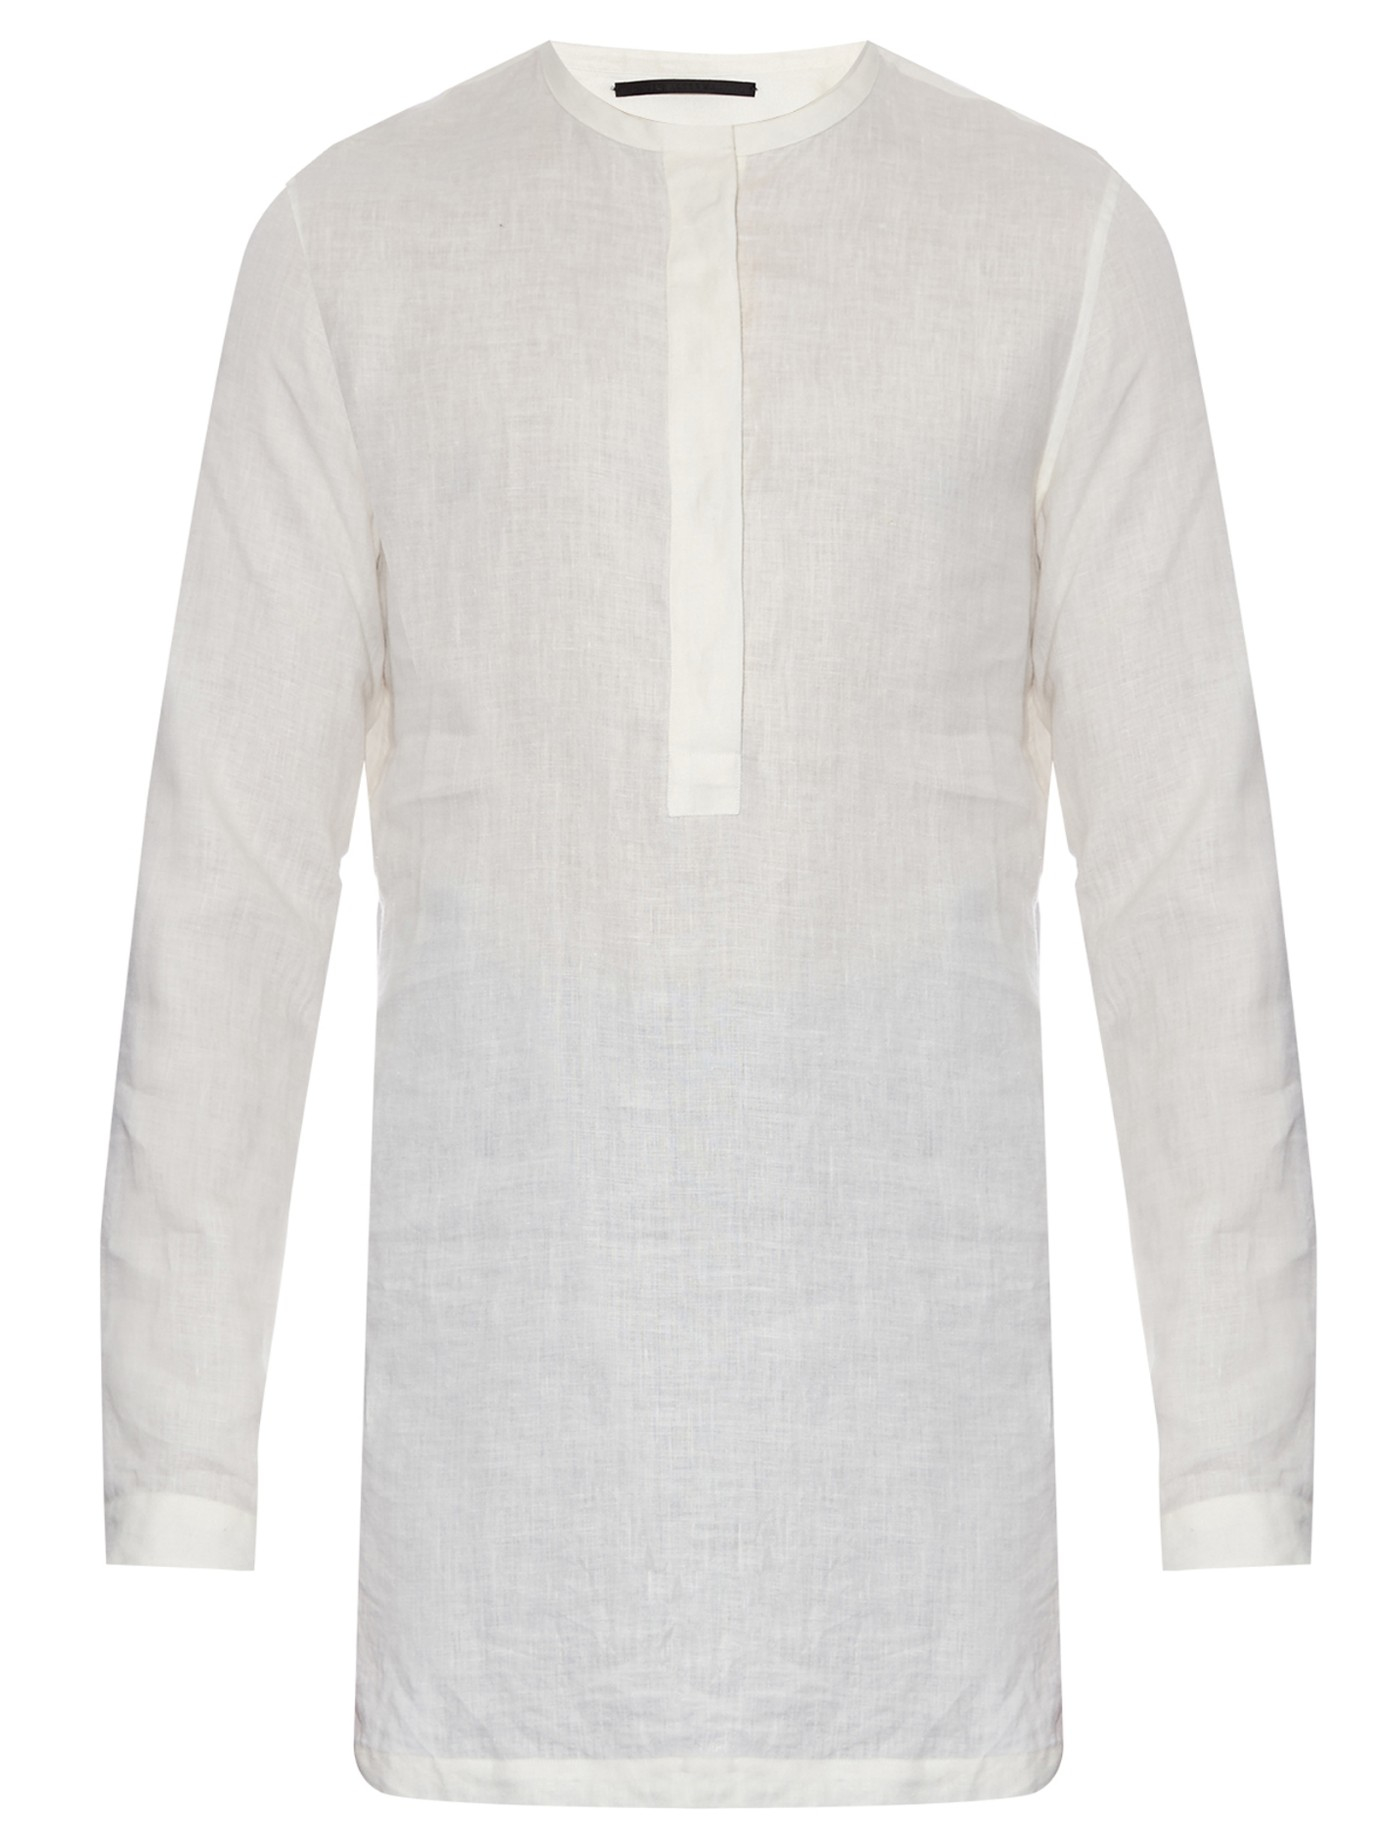 Haider ackermann ewodi collarless linen shirt in white for for Collarless shirts for men